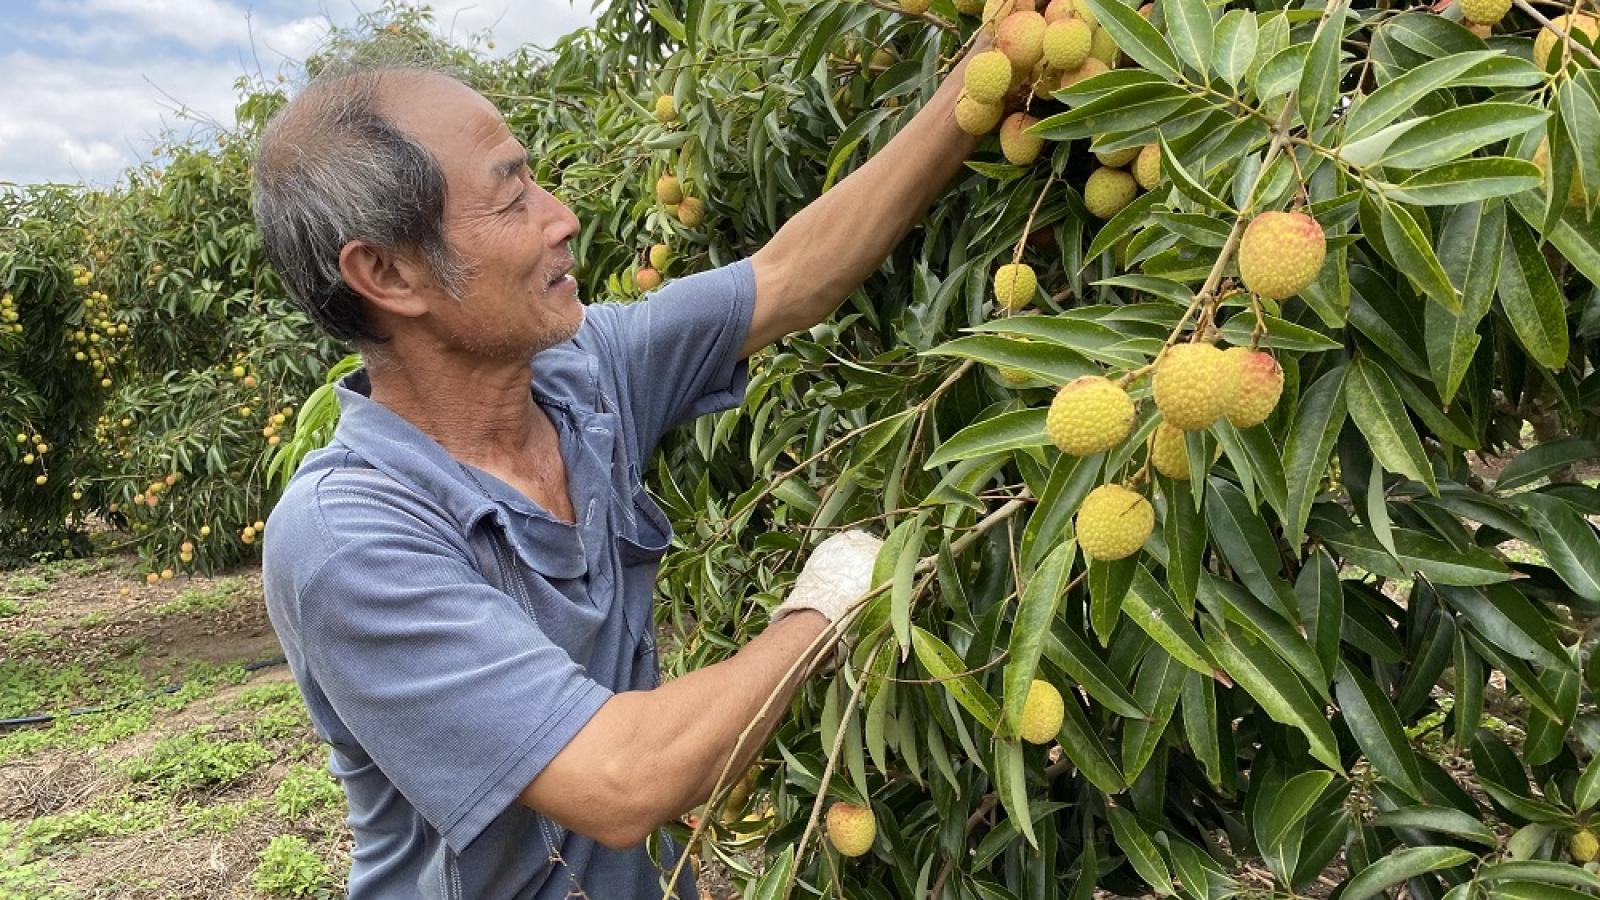 Vải Lục Ngạn trên đất cao nguyên: Nông dân thu lời hàng tỷ đồng